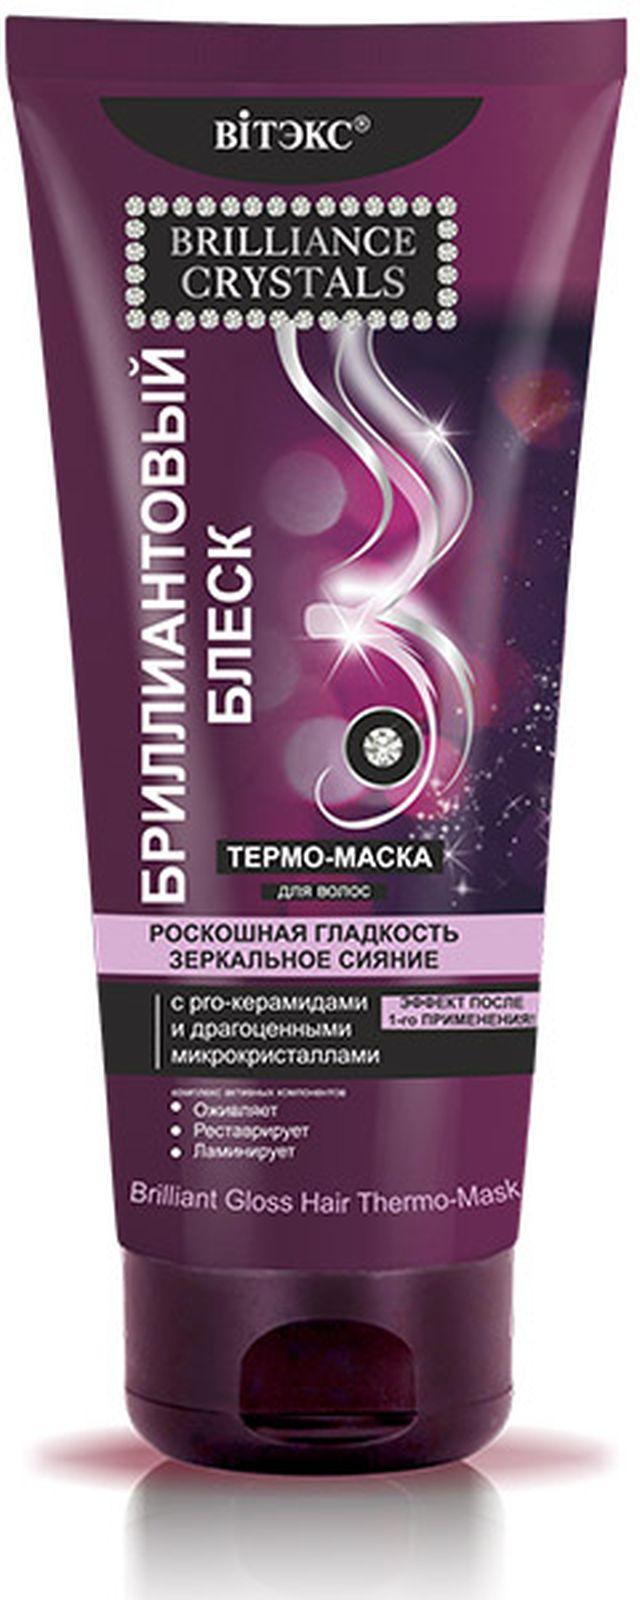 Термо-маска для волос Витэкс Brilliance Crystals Бриллиантовый блеск, 200 мл